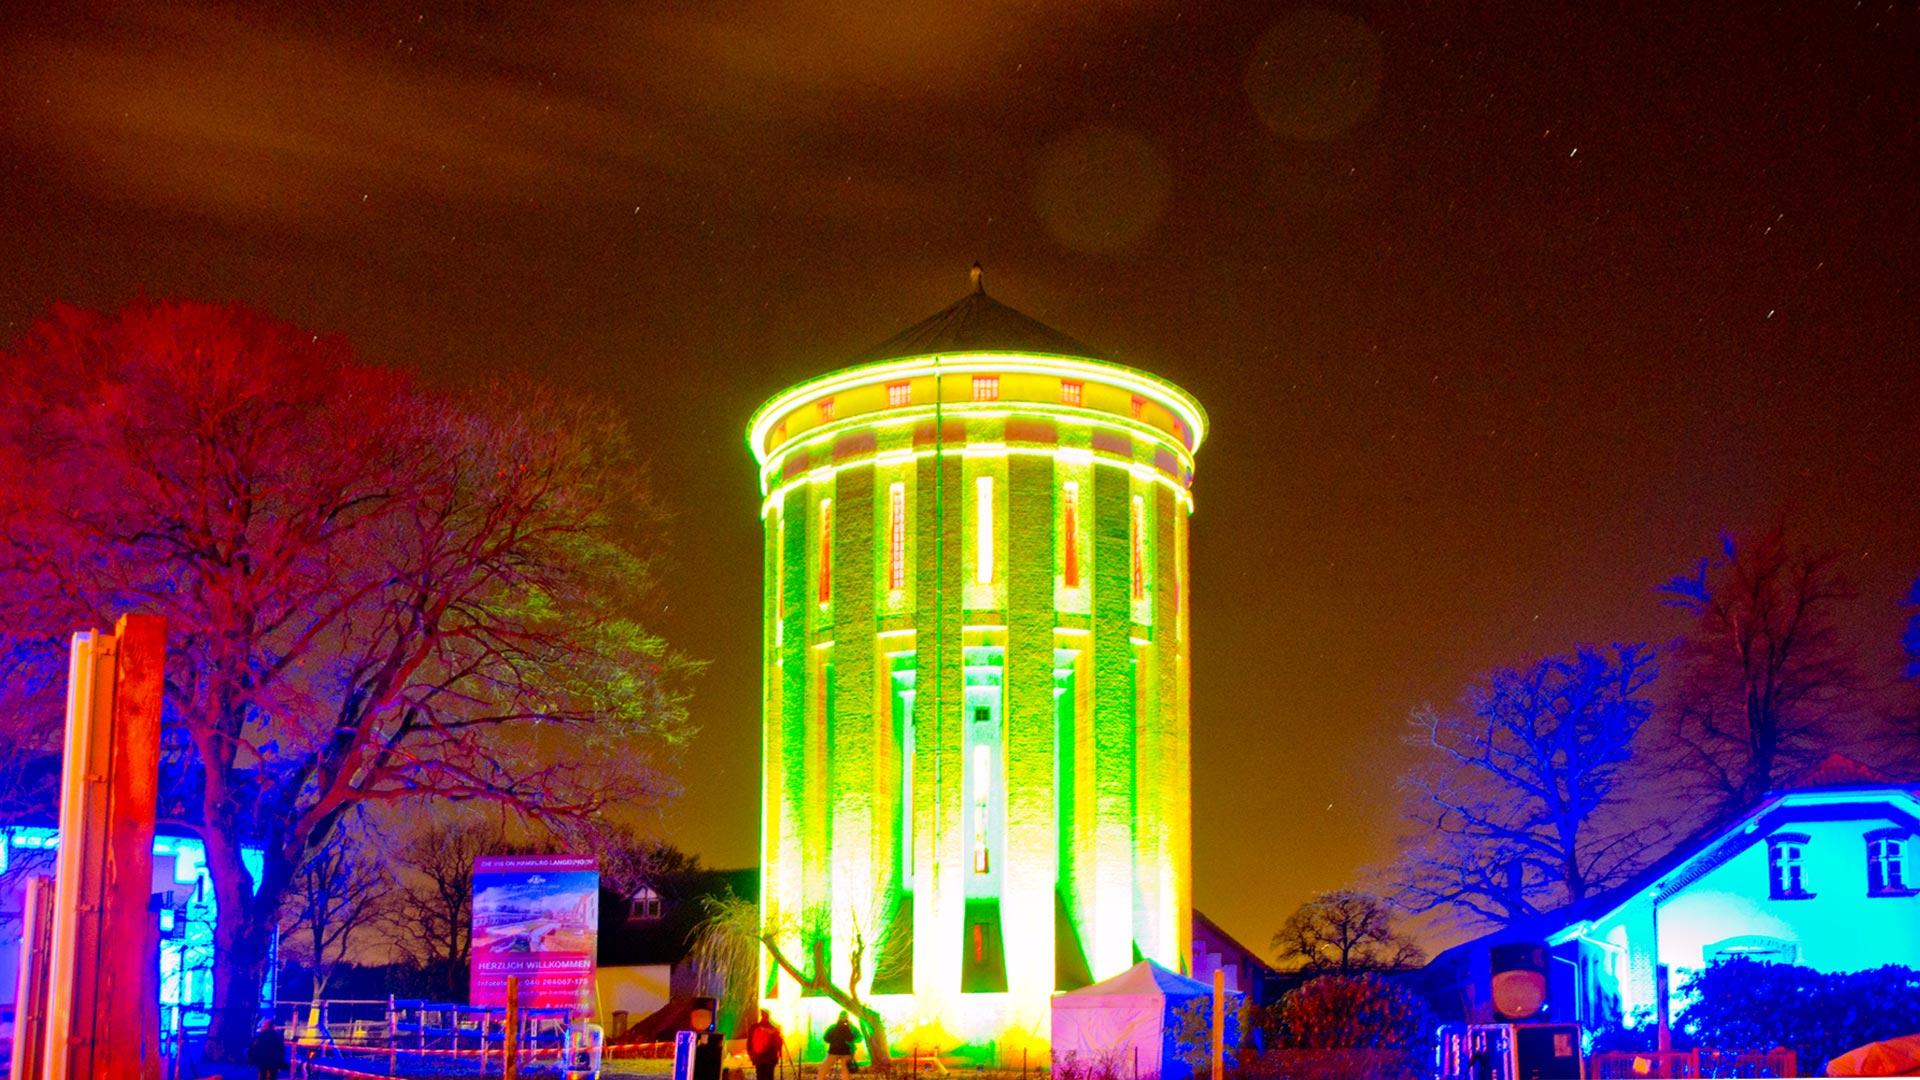 MAASS-Lichtplanung_Lichtevent im Park UNTER DEN LINDEN HAMBURG__MAASS-Lichtzauber-004